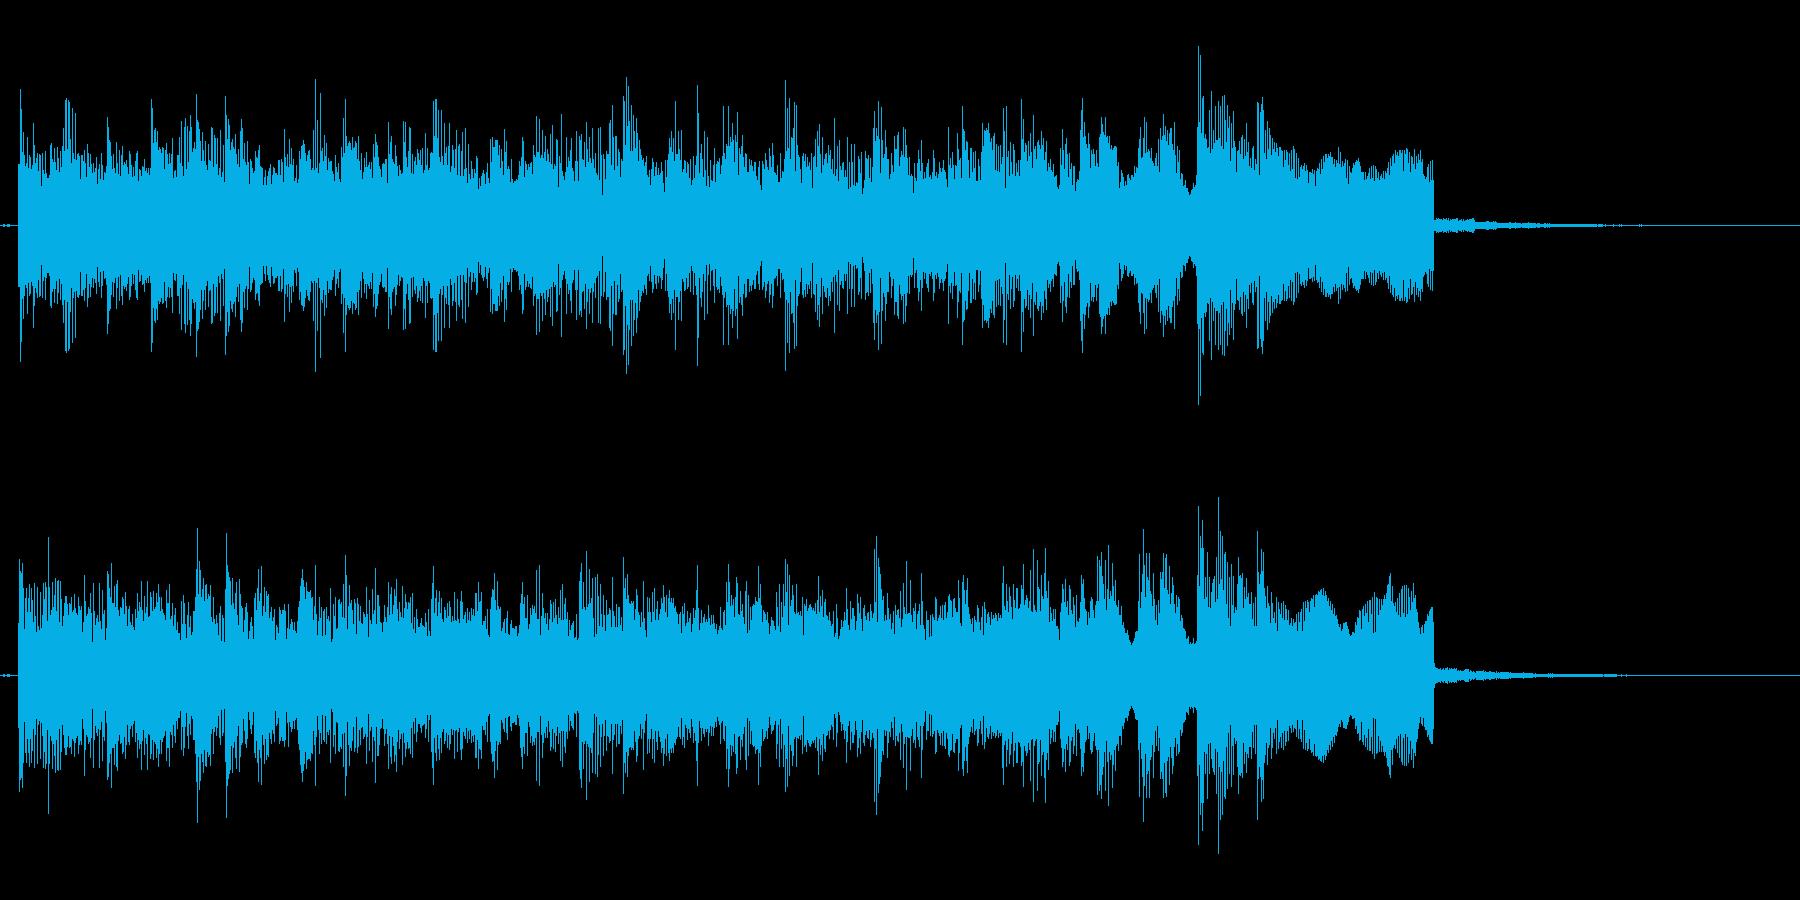 シンセ メタルフレーズのジングル 軽快版の再生済みの波形